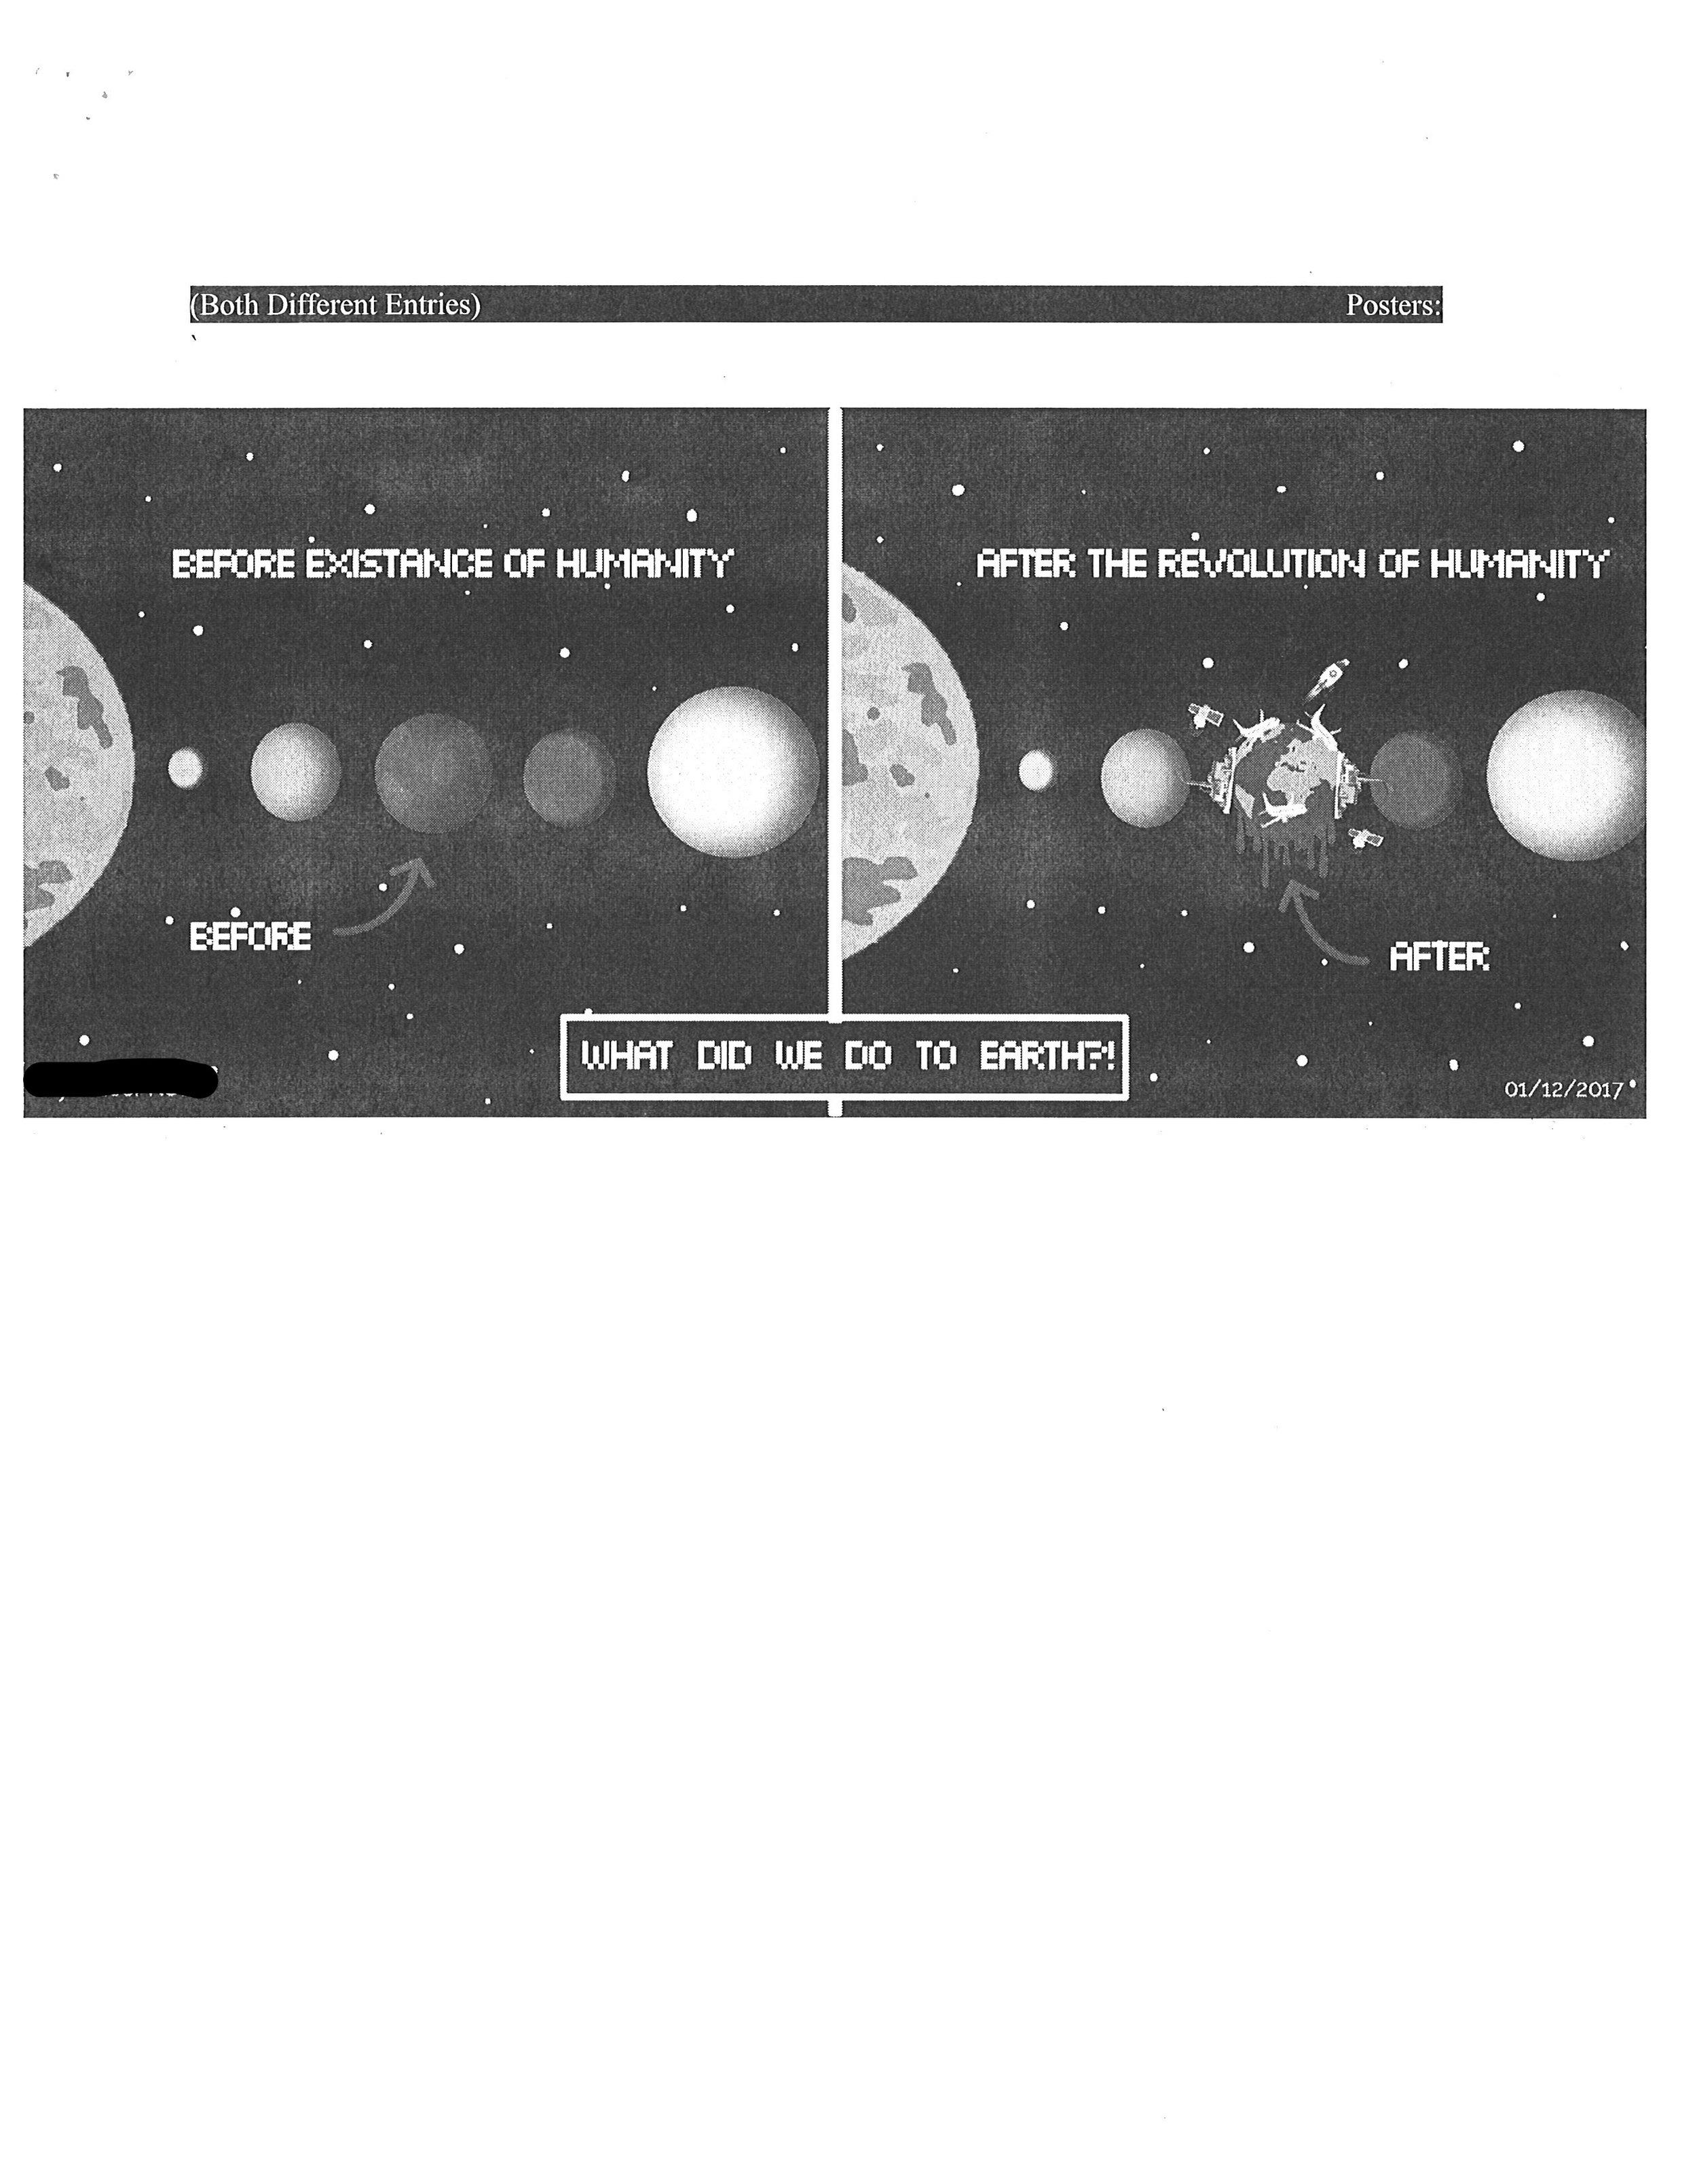 6. Scanned from a Xerox Multifunction Printer005_LI.jpg